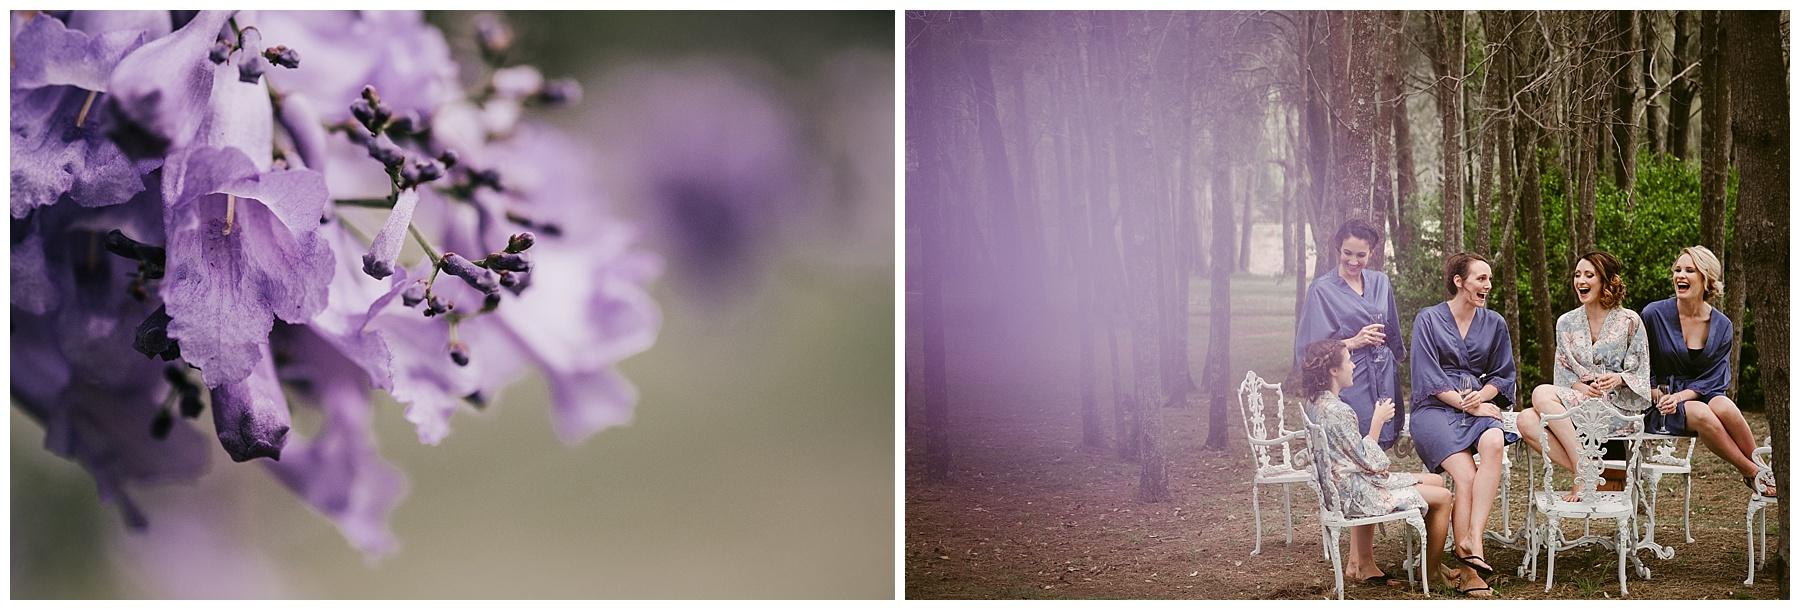 Enzo Wedding Photographer_0008.jpg